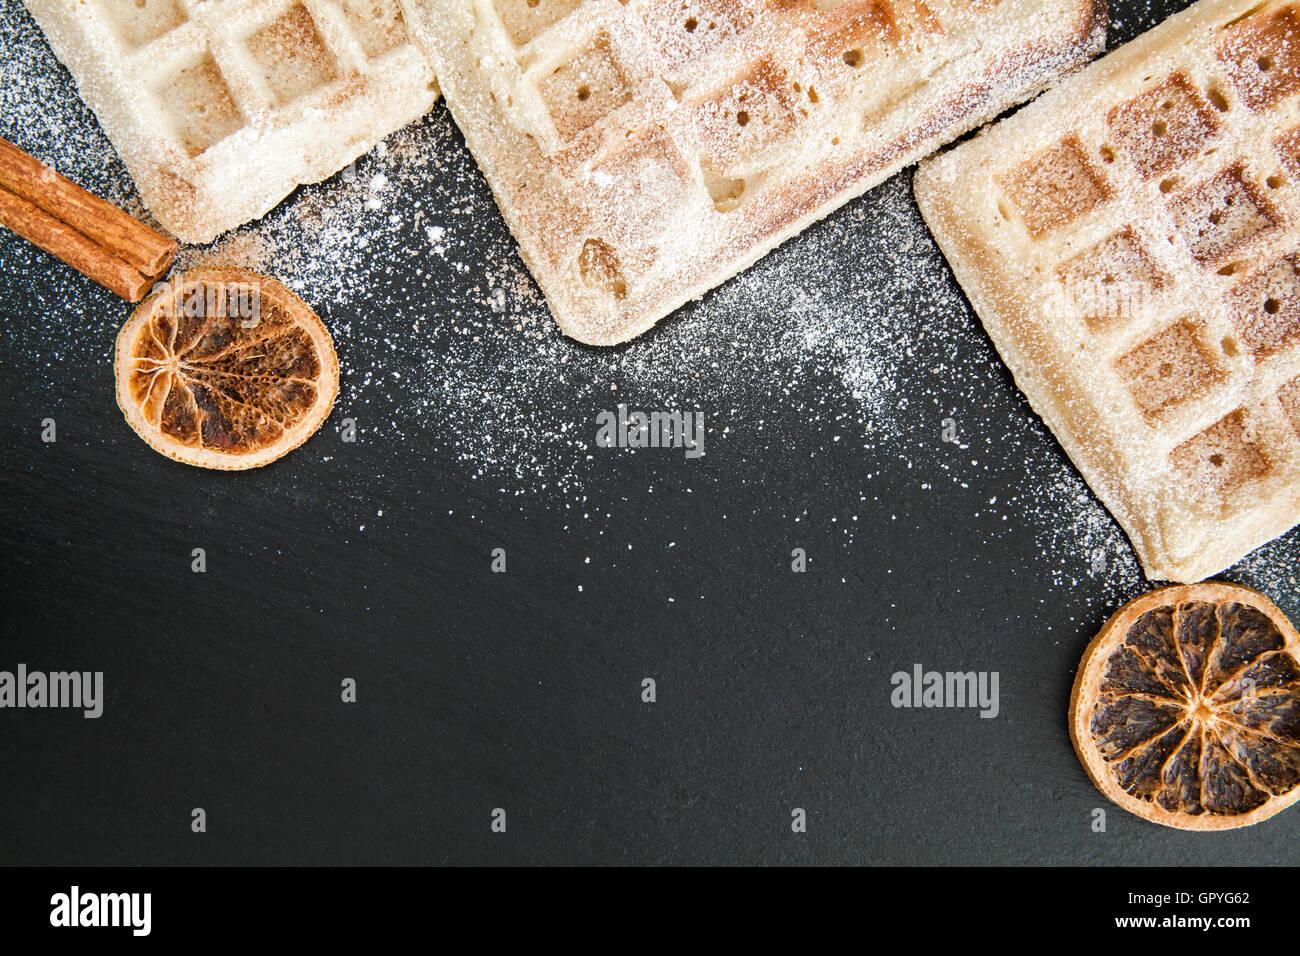 Fondo con alimentos dulces gofres belgas Imagen De Stock